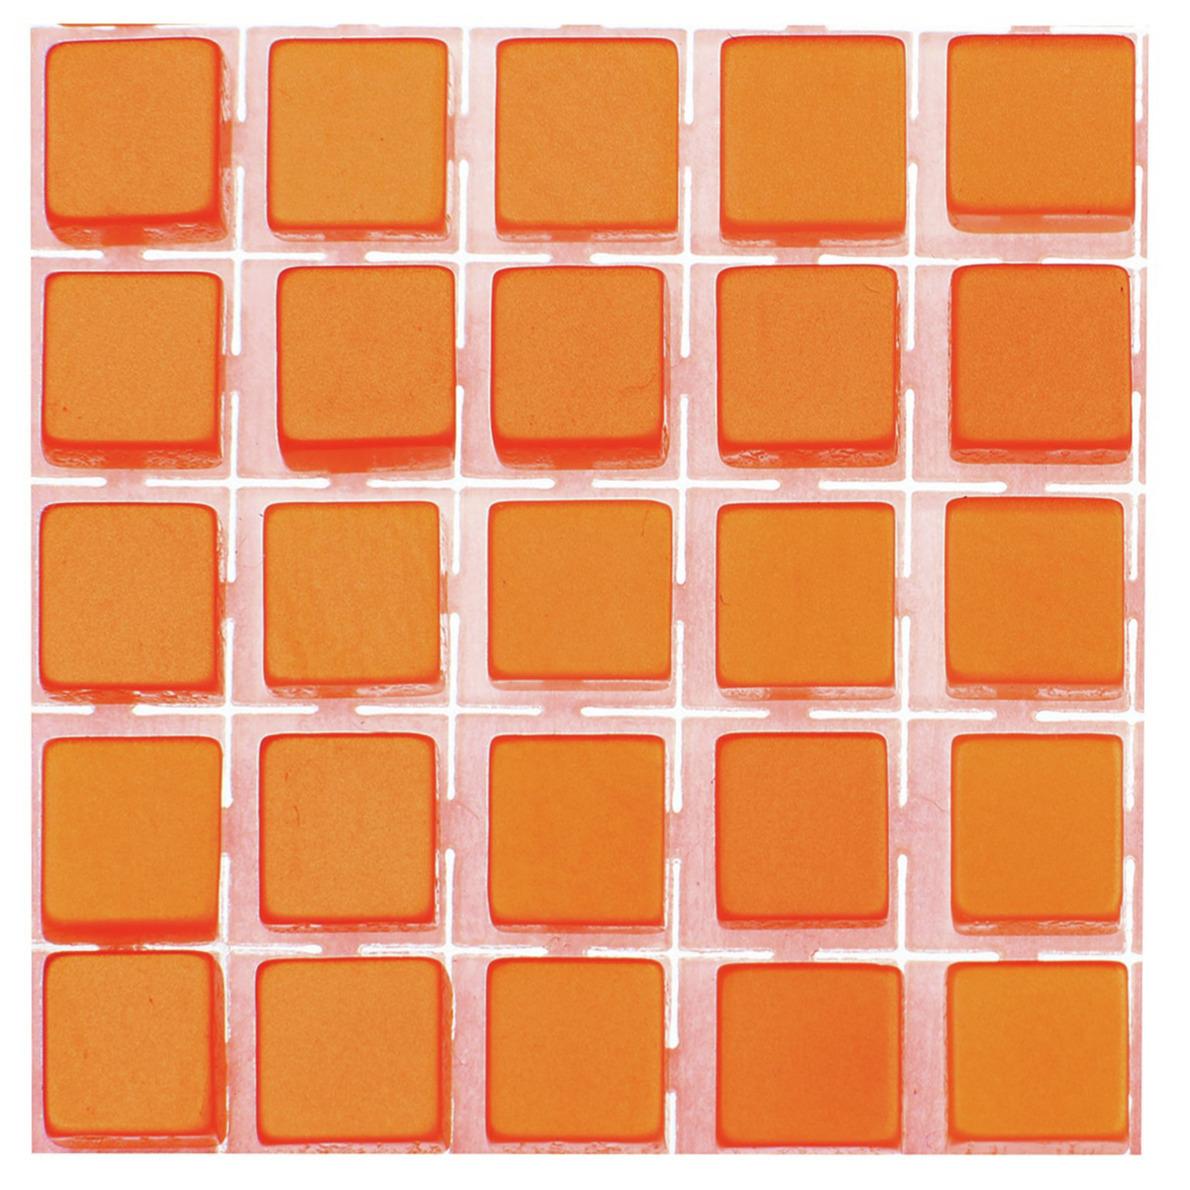 119x stuks mozaieken maken steentjes-tegels kleur oranje 5 x 5 x 2 mm